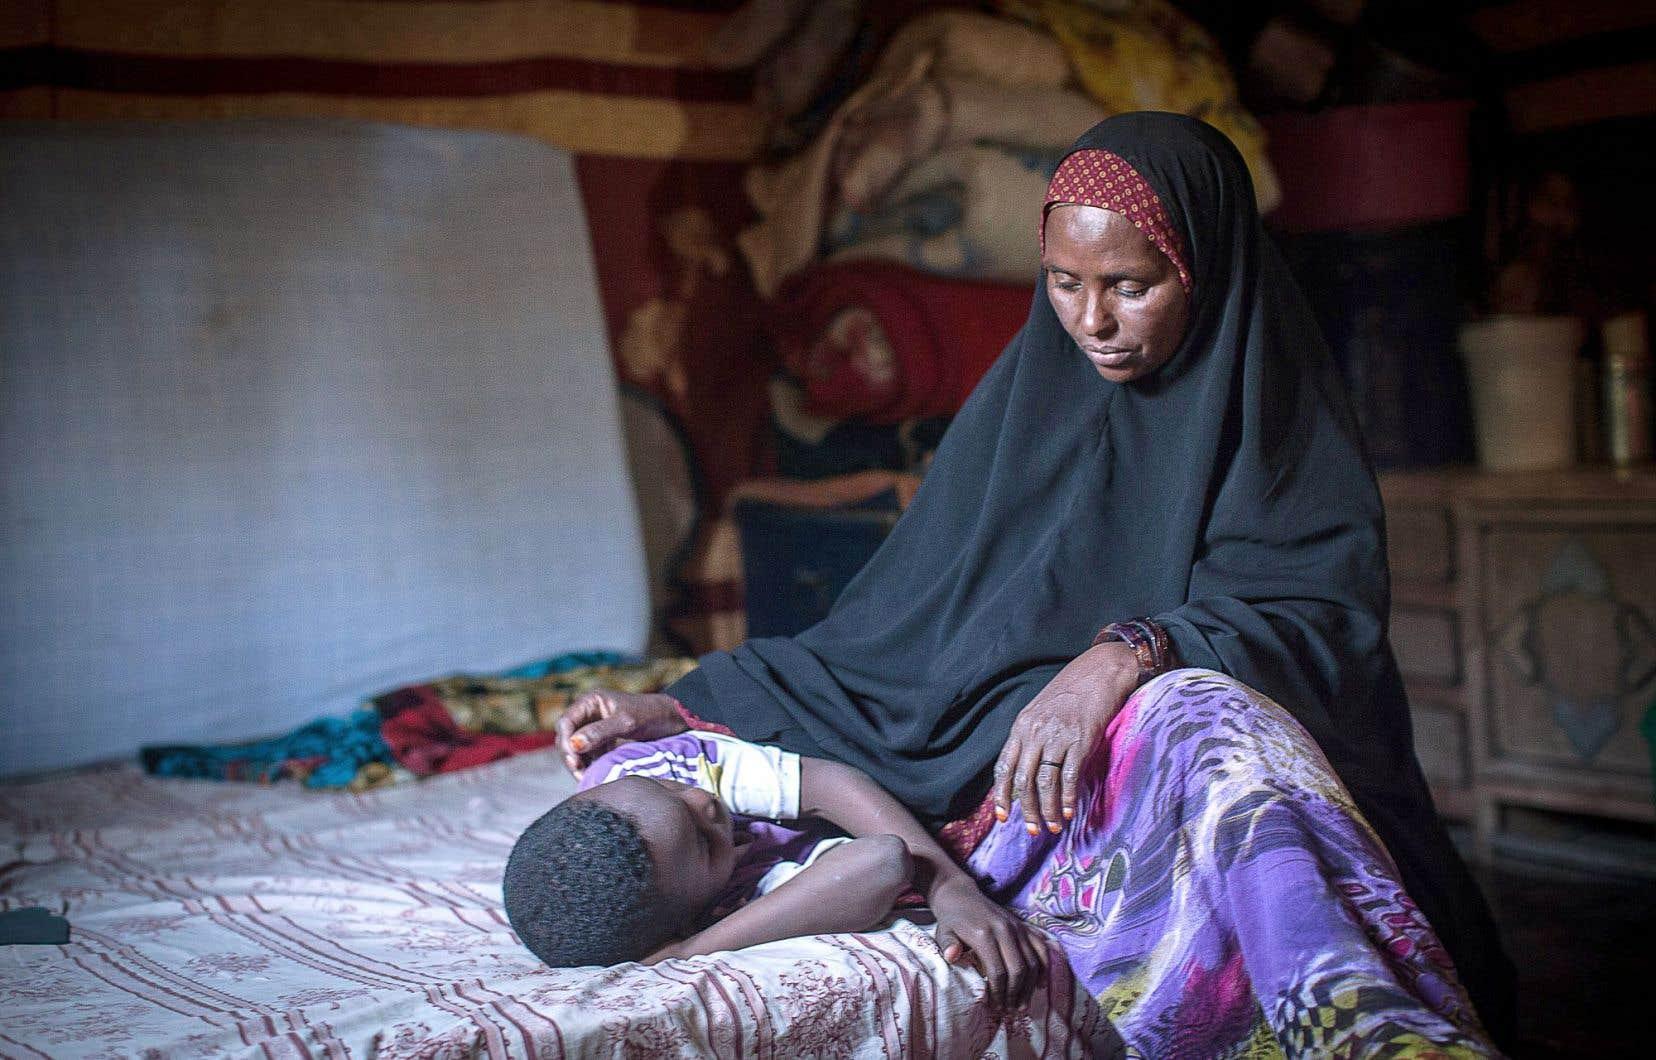 Selon l'OMS, c'est en Somalie qu'il se pratique le plus de mutilations génitales. En photo, Amran Mahamood a pratiqué l'excision pendant 15 ans. Elle a renoncé à la pratique après avoir appris d'un leader religieux que la mutilation n'est pas énoncée dans les lois islamiques.